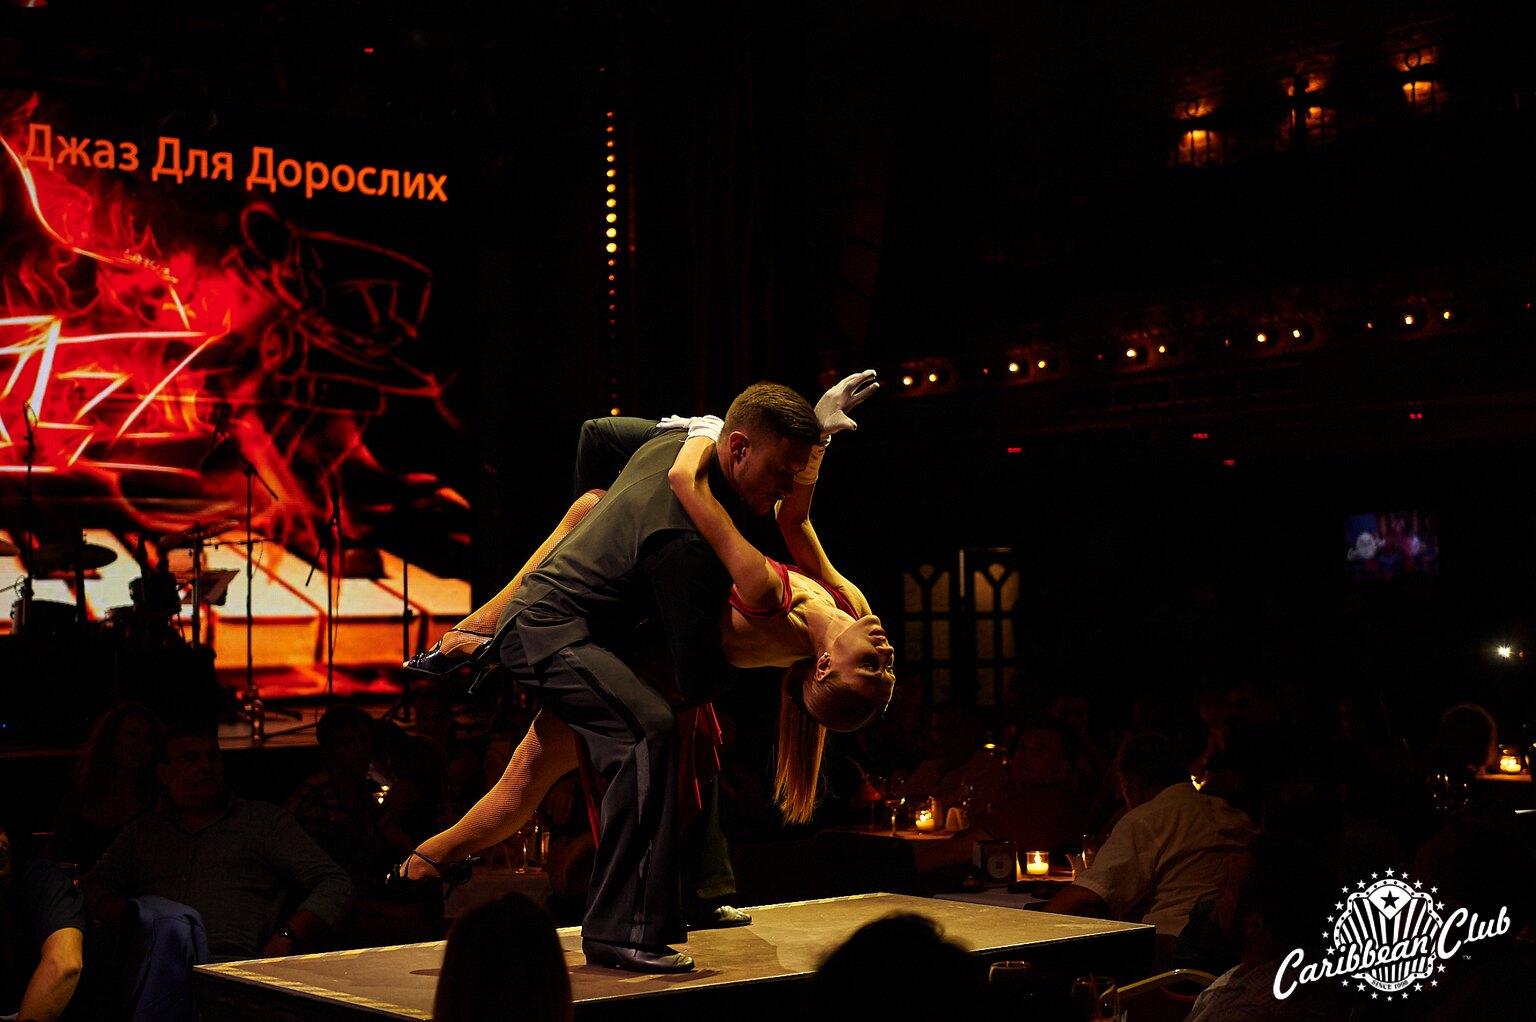 танцююча пара на сцені